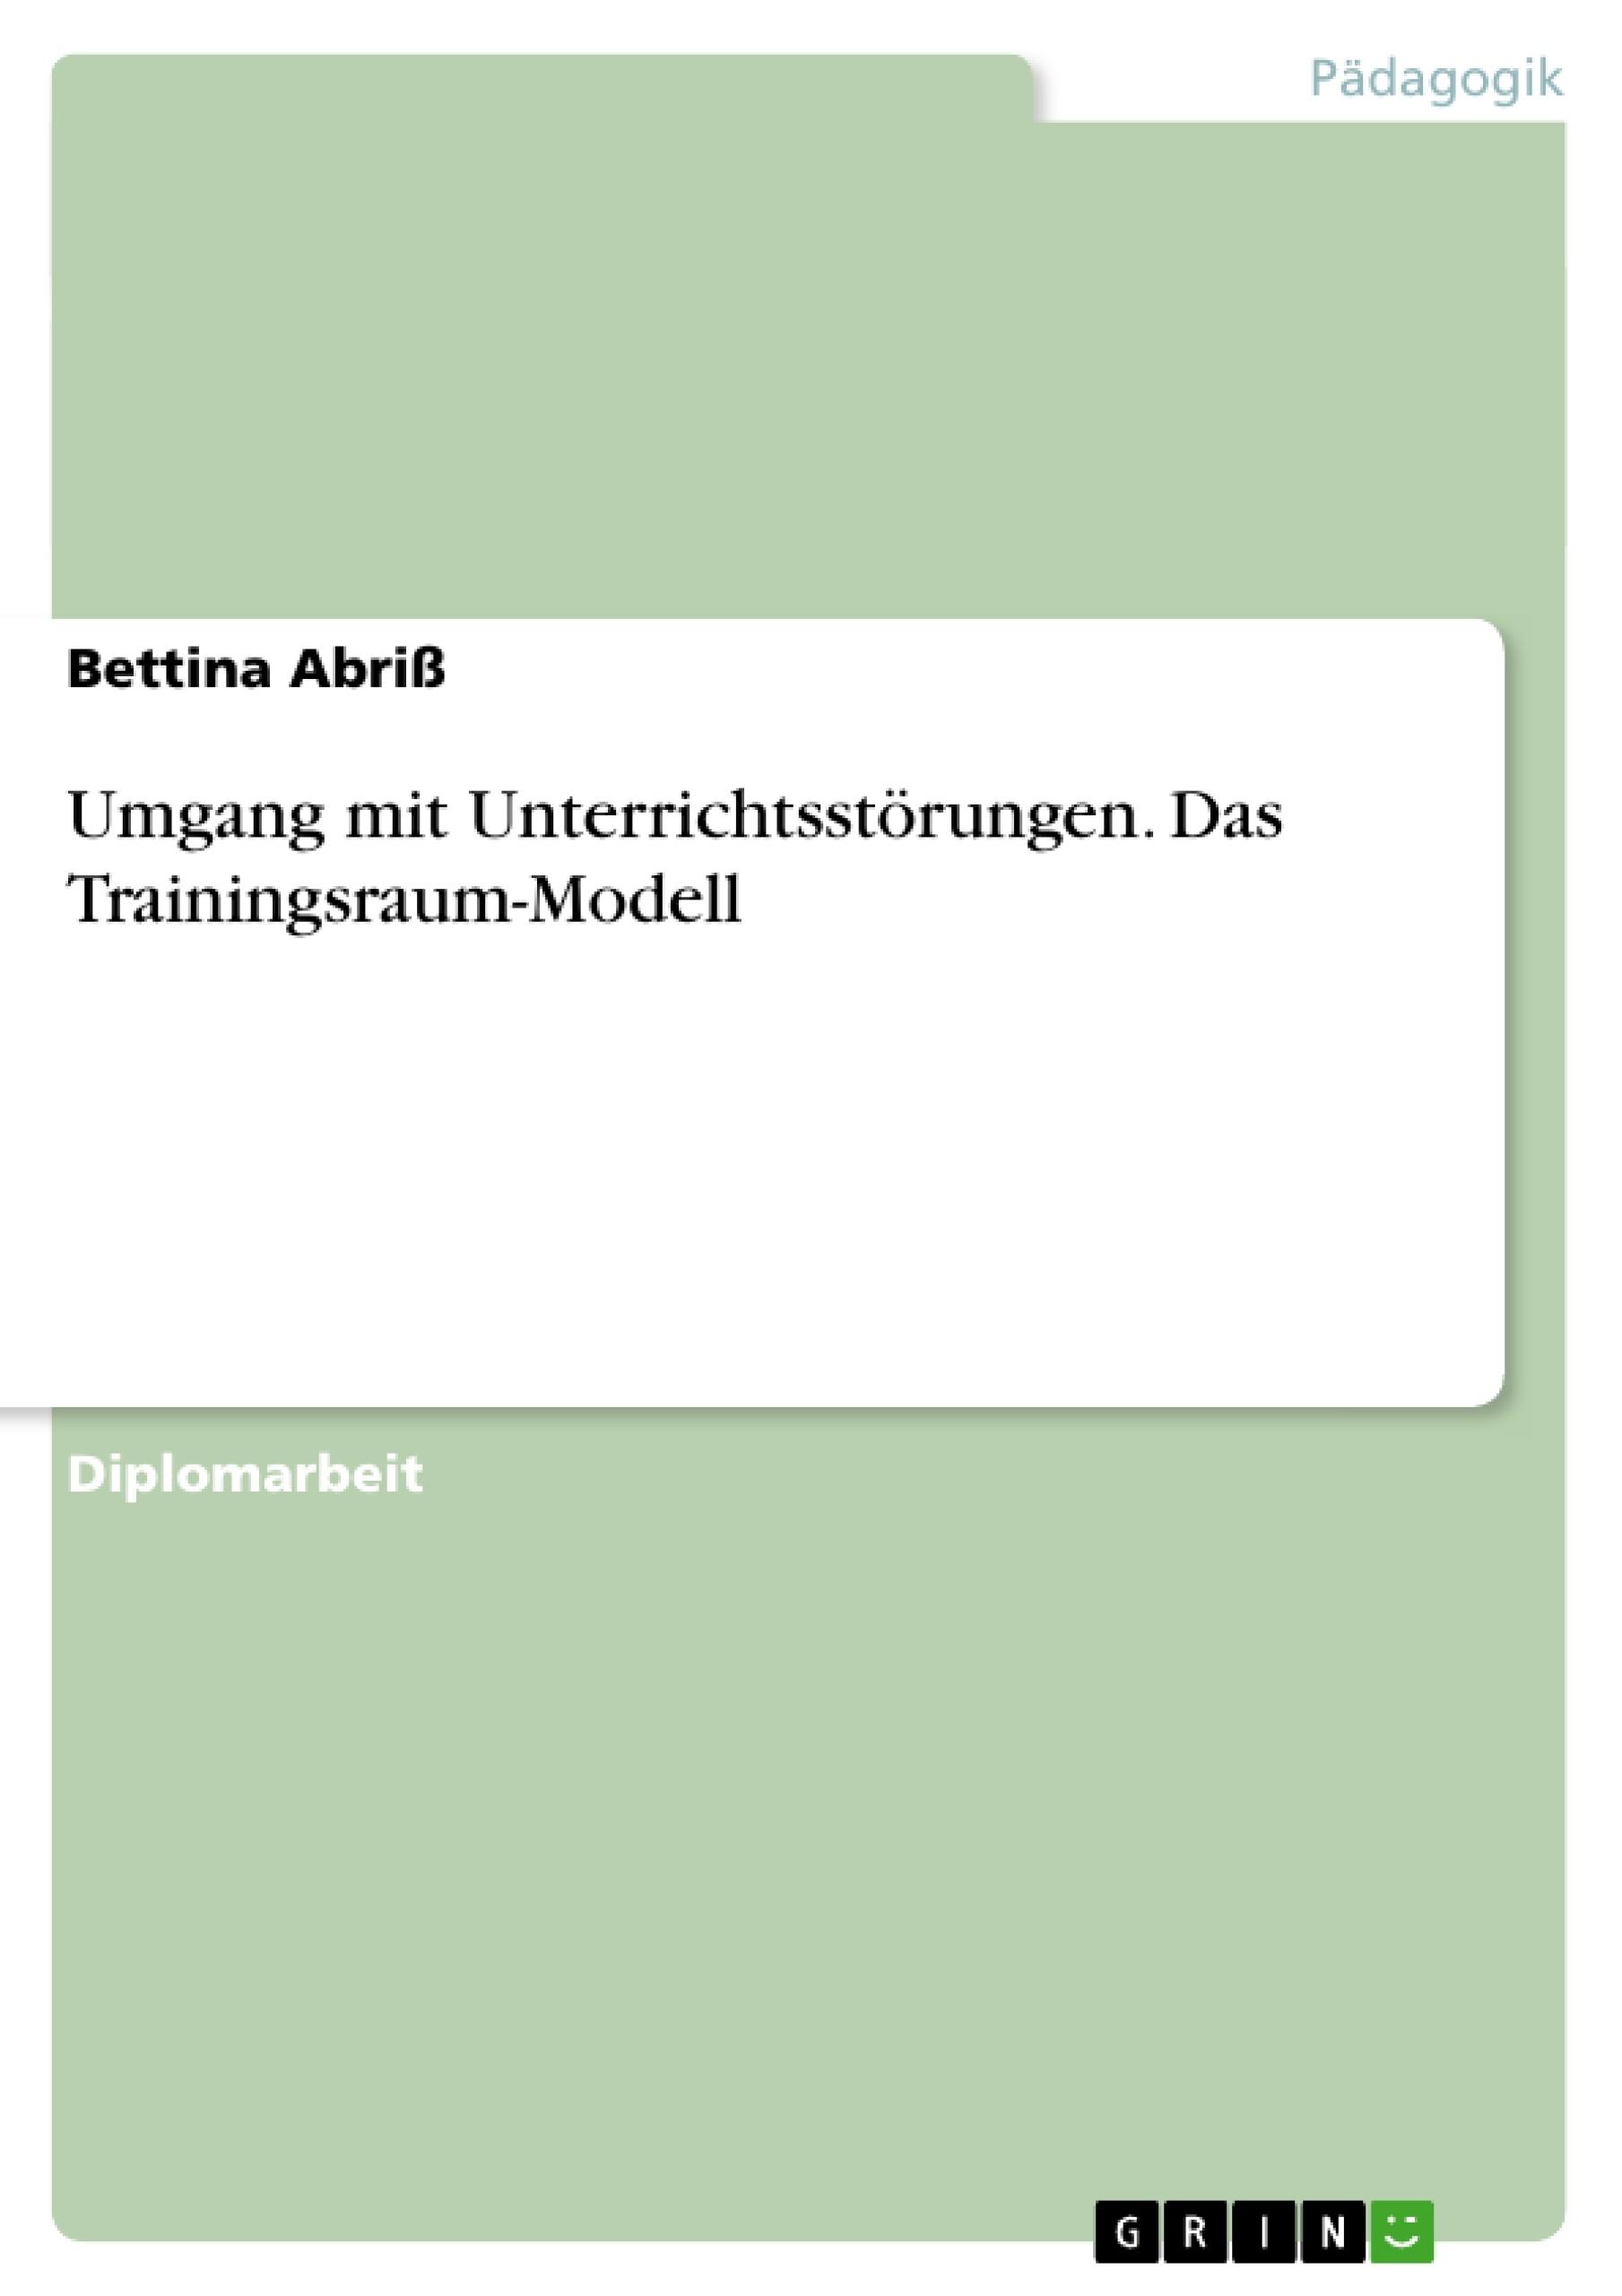 Titel: Umgang mit Unterrichtsstörungen. Das Trainingsraum-Modell